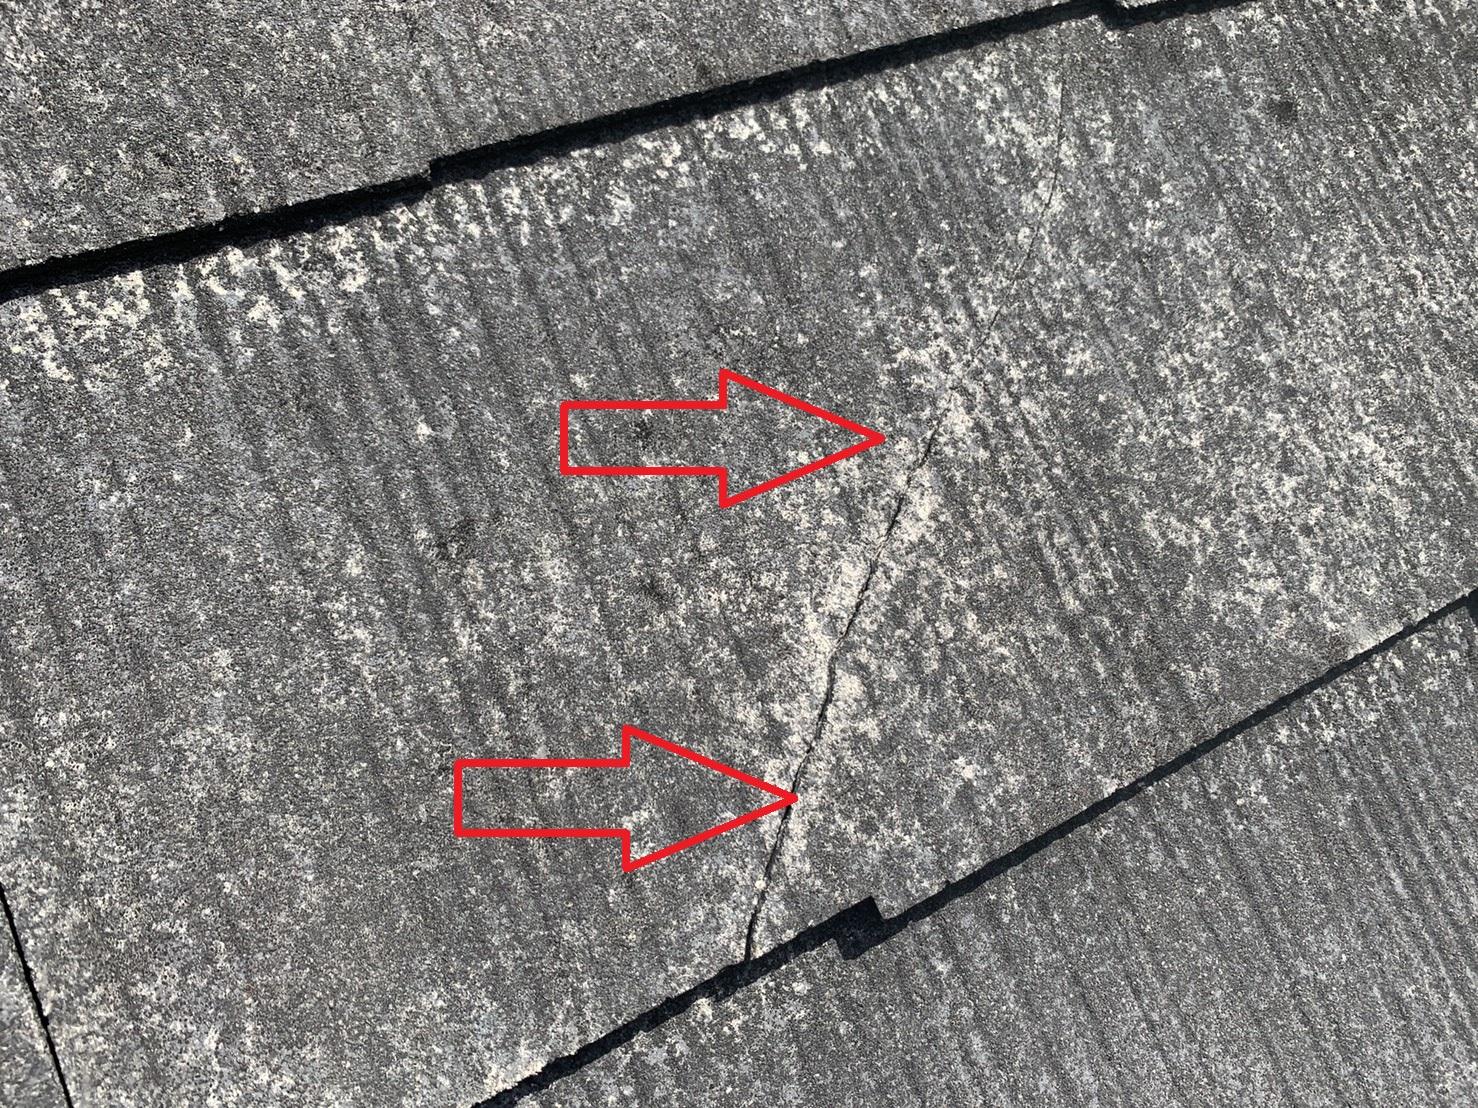 経年劣化したスレート屋根にできた大きなひび割れ